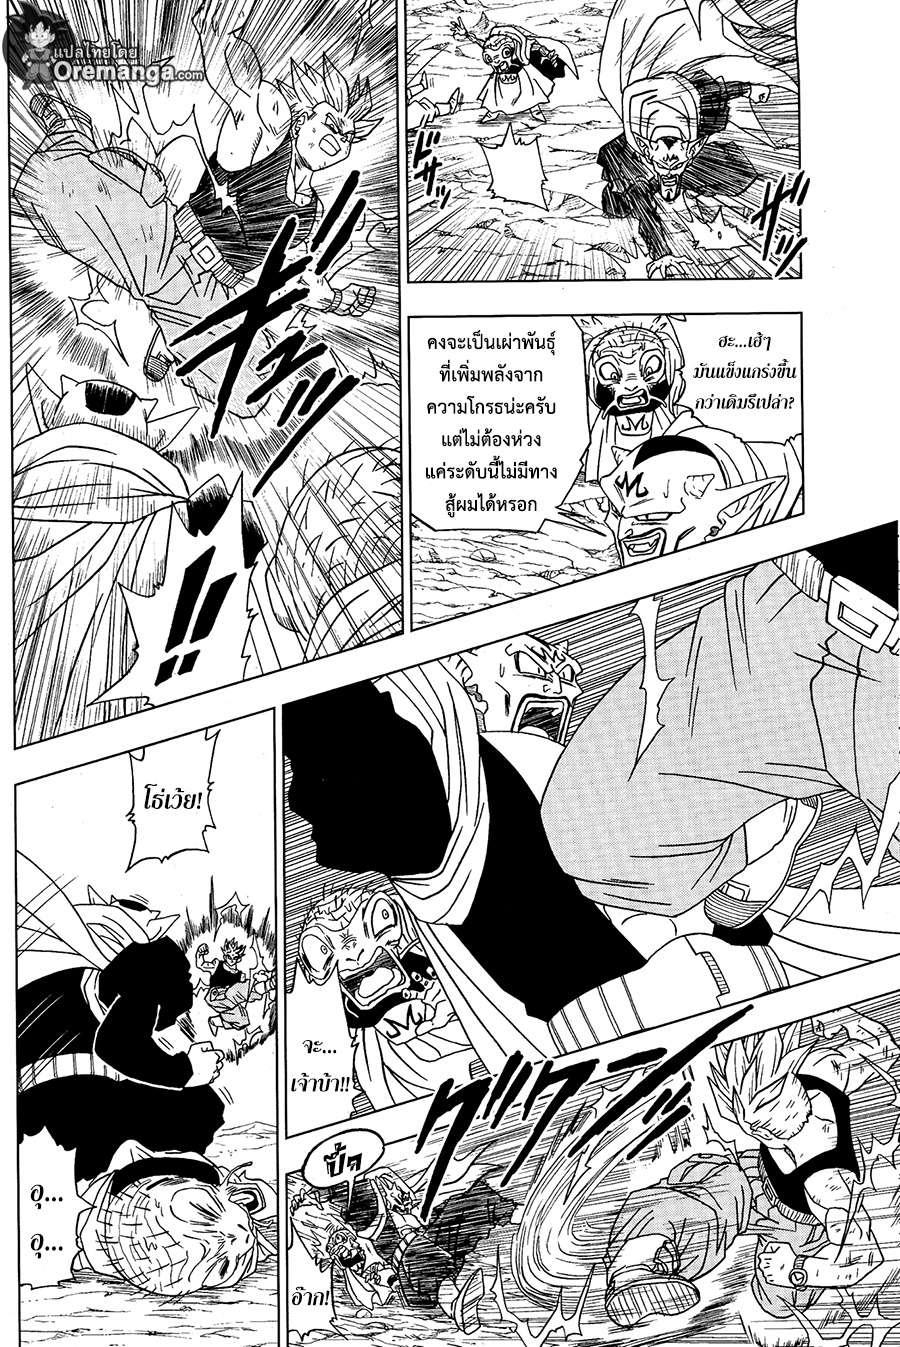 อ่านการ์ตูน Dragonball Super ตอนที่ 16 หน้าที่ 12